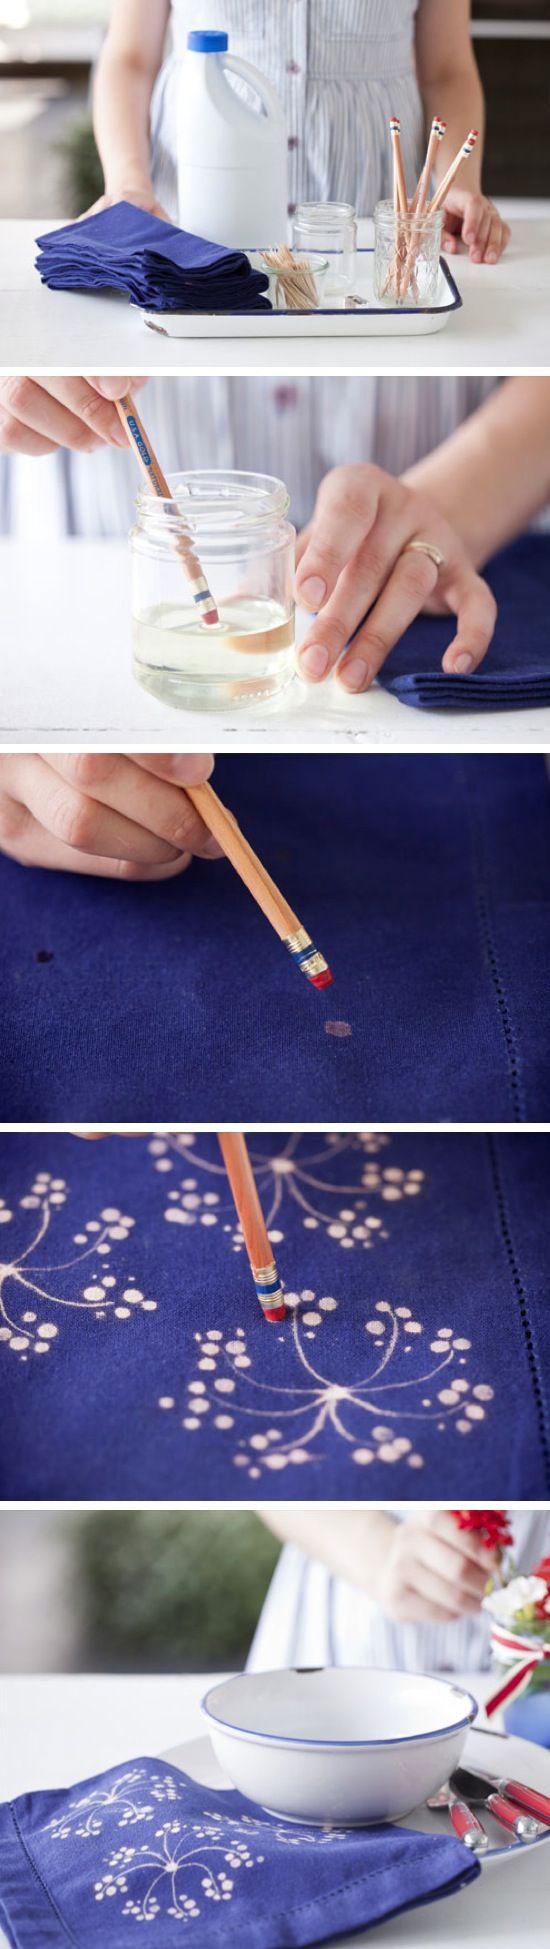 Customizar jeans com alvejante